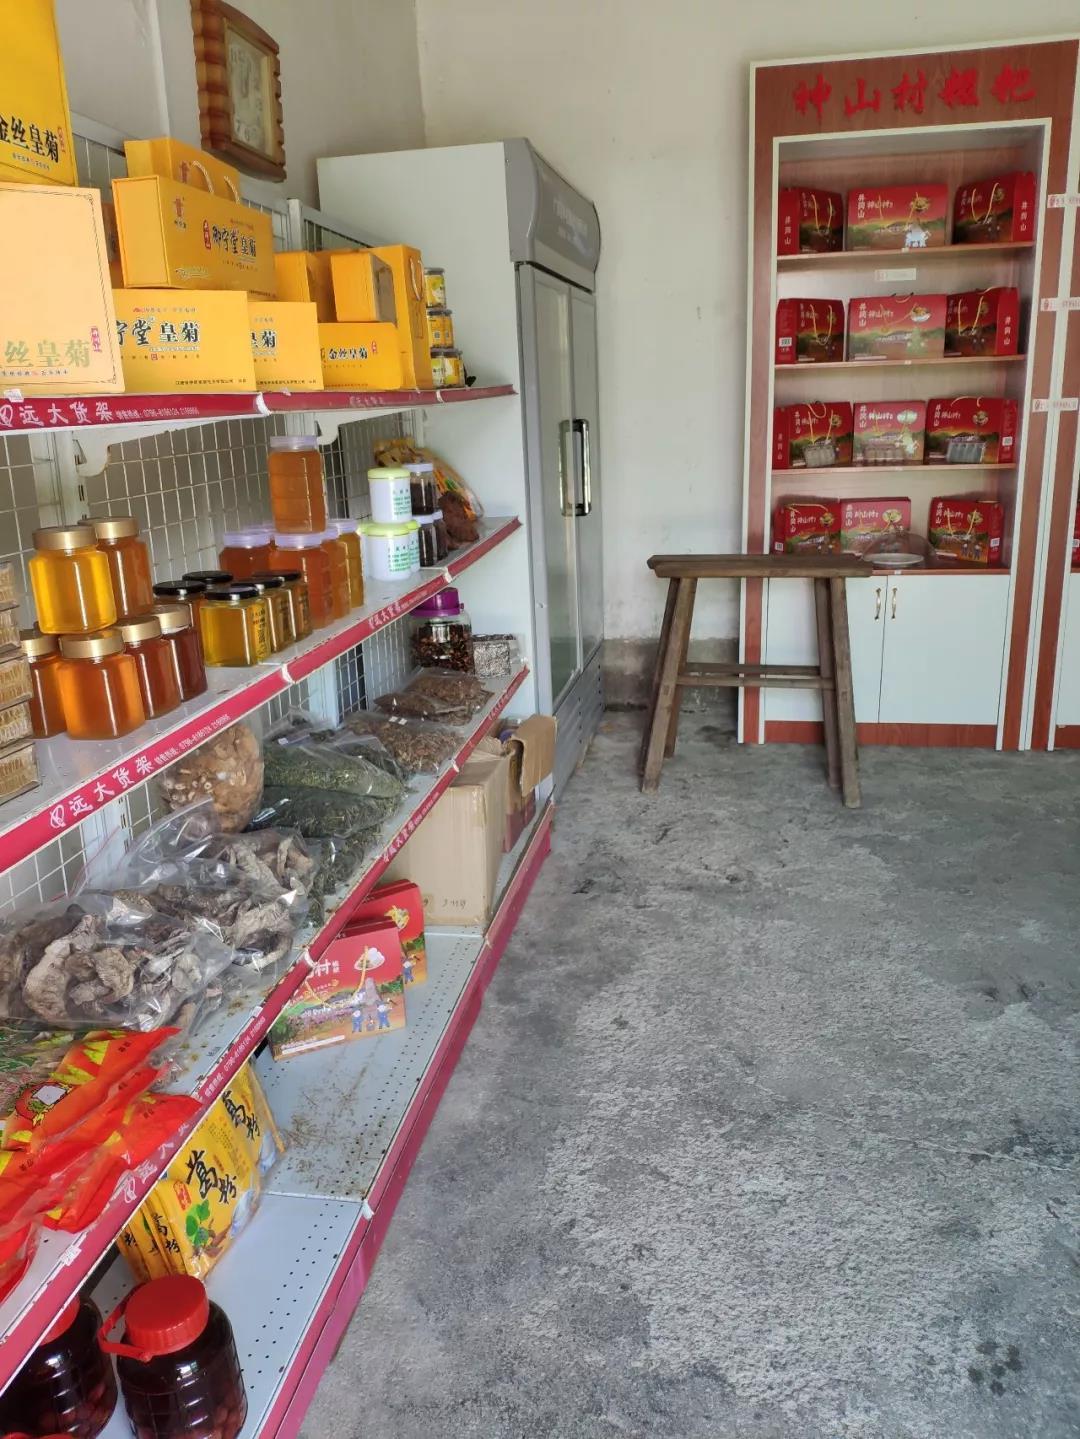 神山村村民彭长良的弟弟经营的本地特产